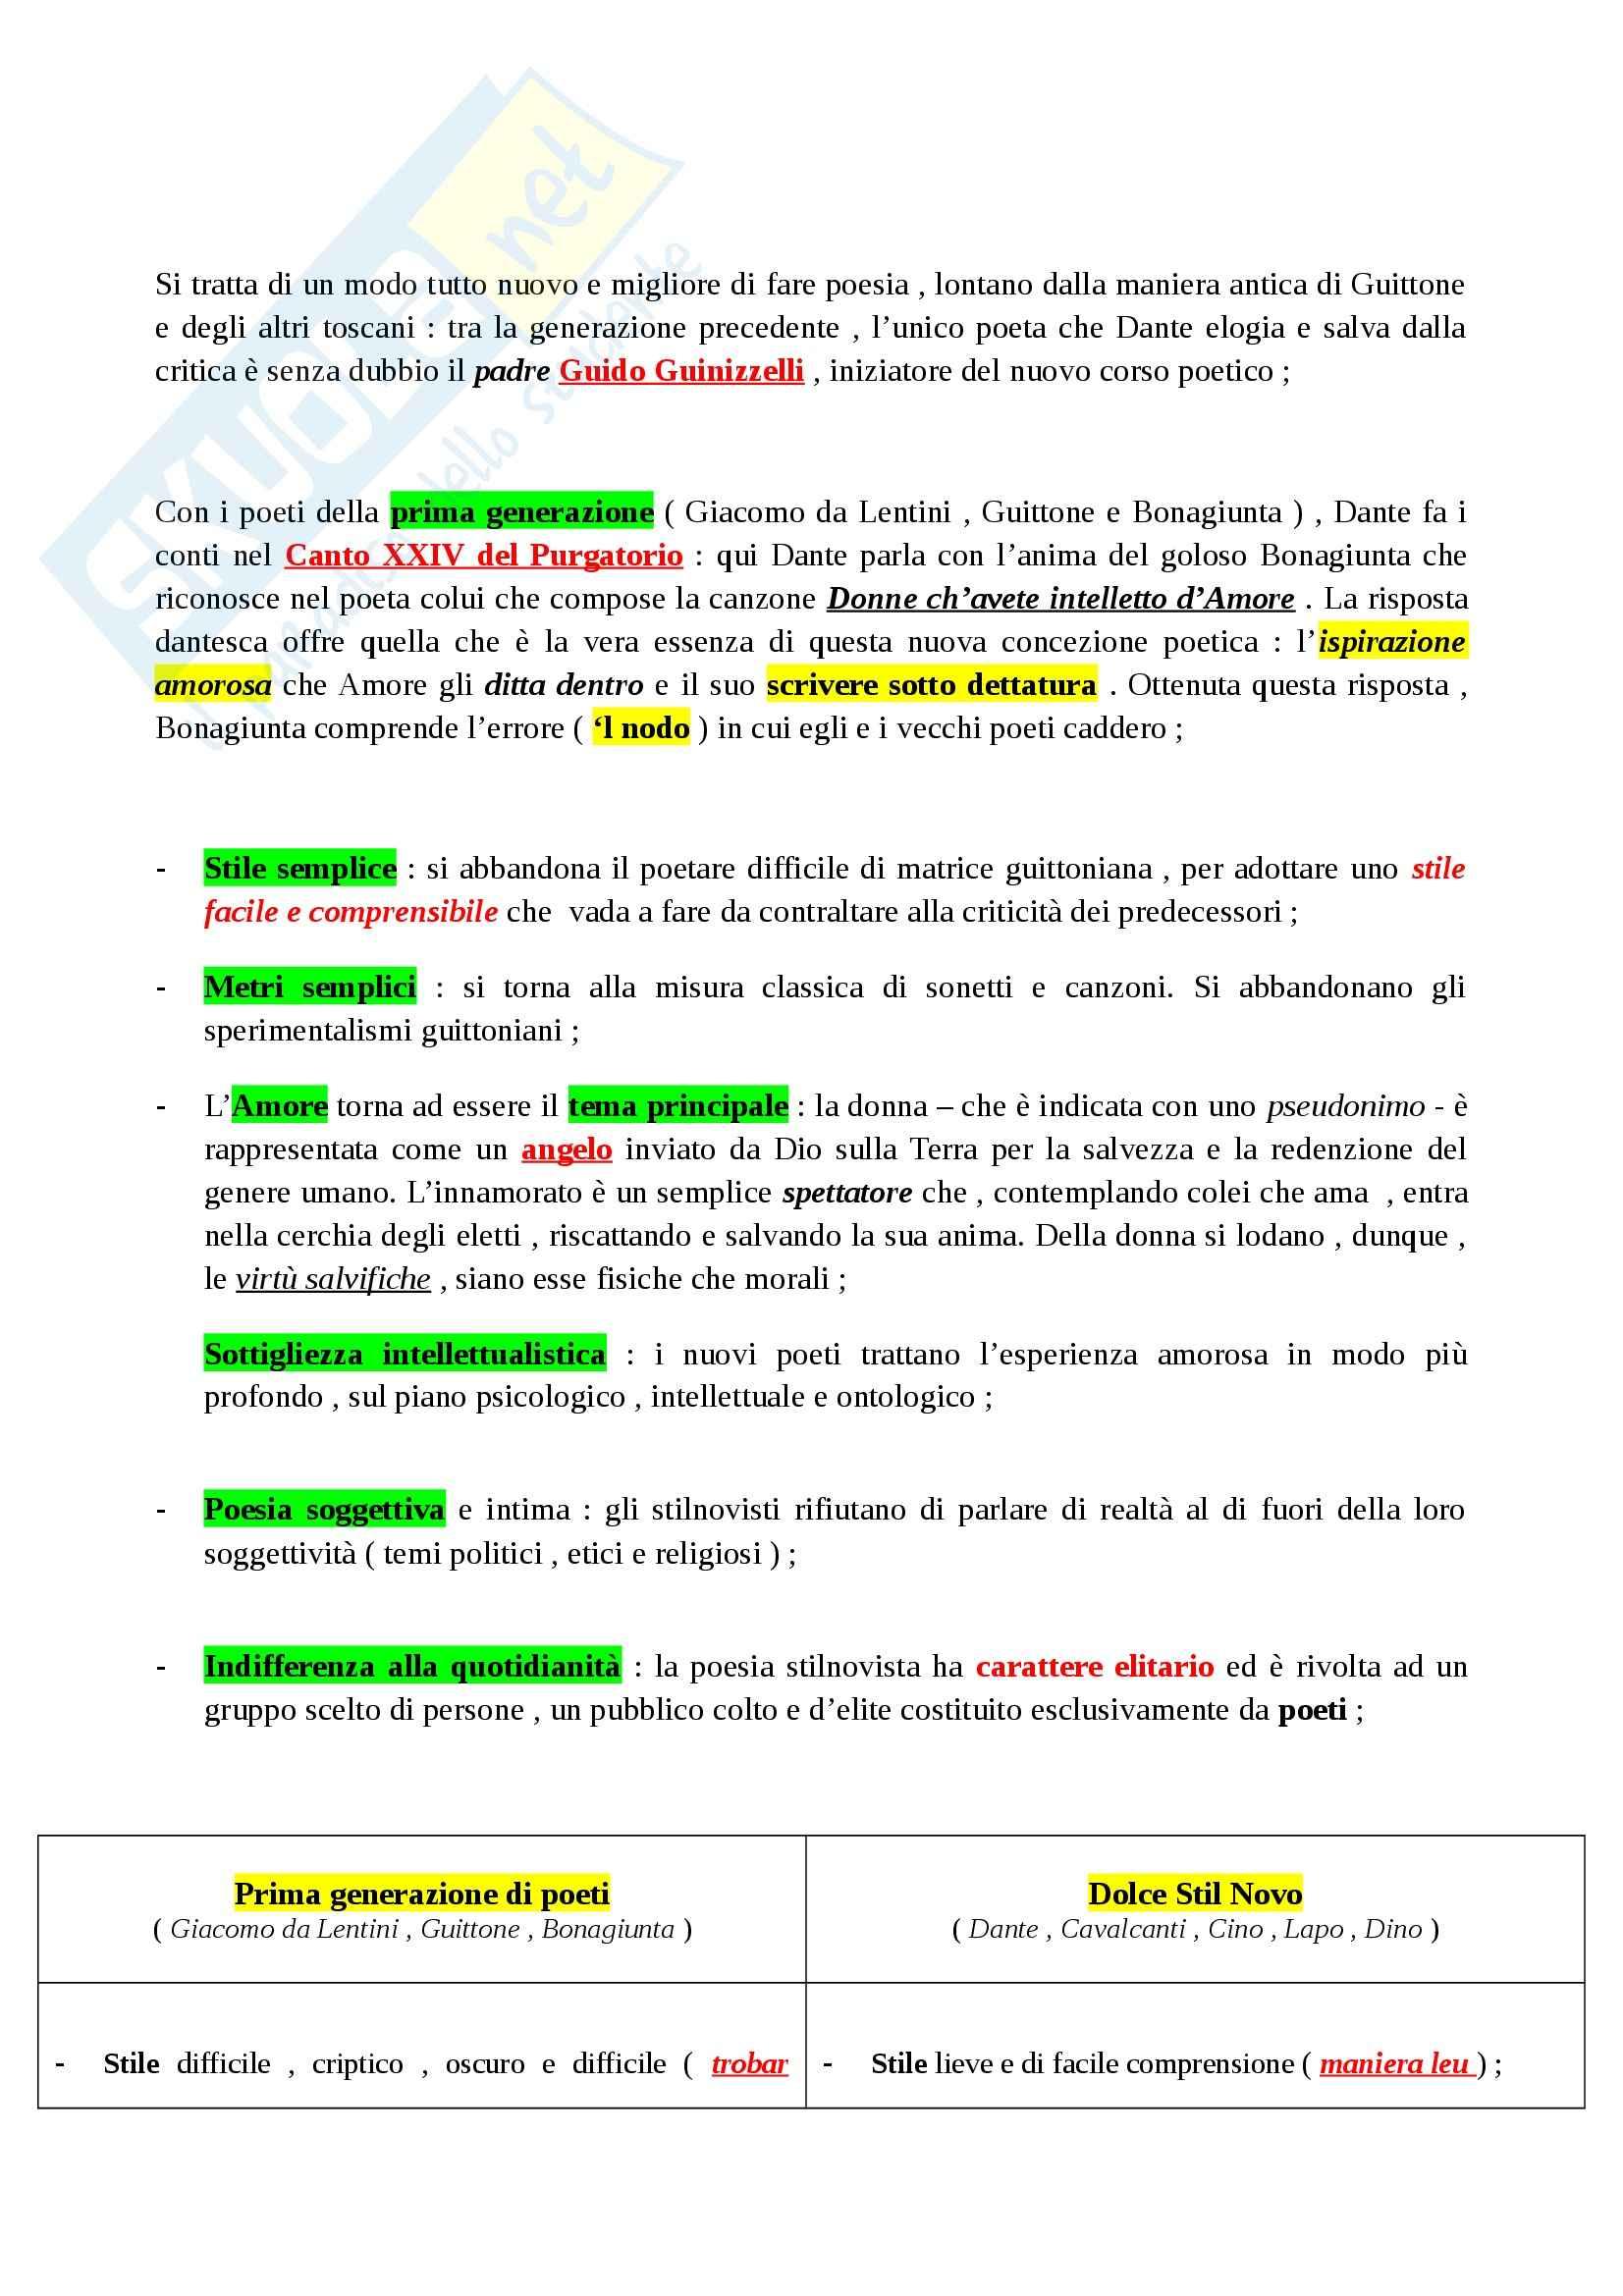 Riassunto esame Letteratura Italiana: La Letteratura Italiana, dalle Origini al Secondo Ottocento, prof. Paolino Pag. 16